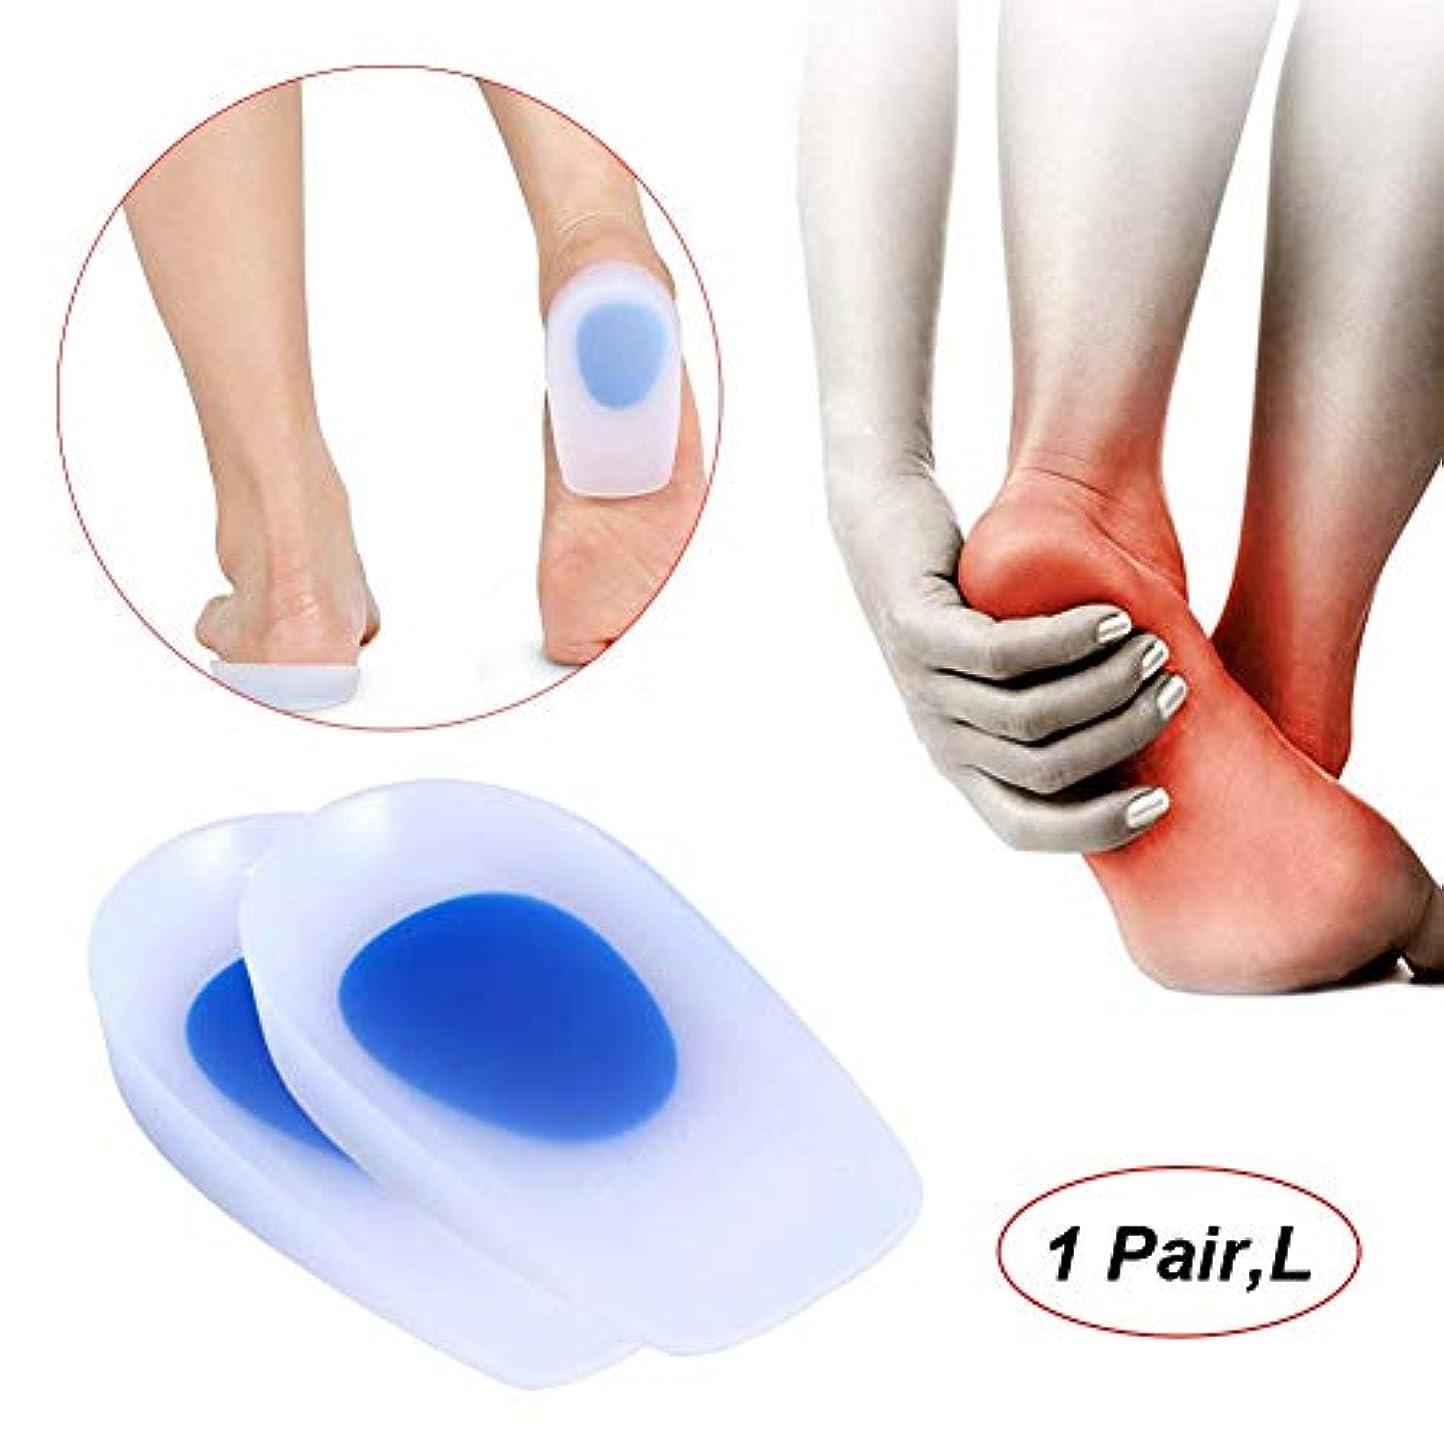 地下鉄備品グレートオークゲルヒールカップヒールシューズインサートパッド、足底筋膜炎の痛みを和らげる、男性と女性のヒール骨棘とアキレス腱炎(1ペア)L